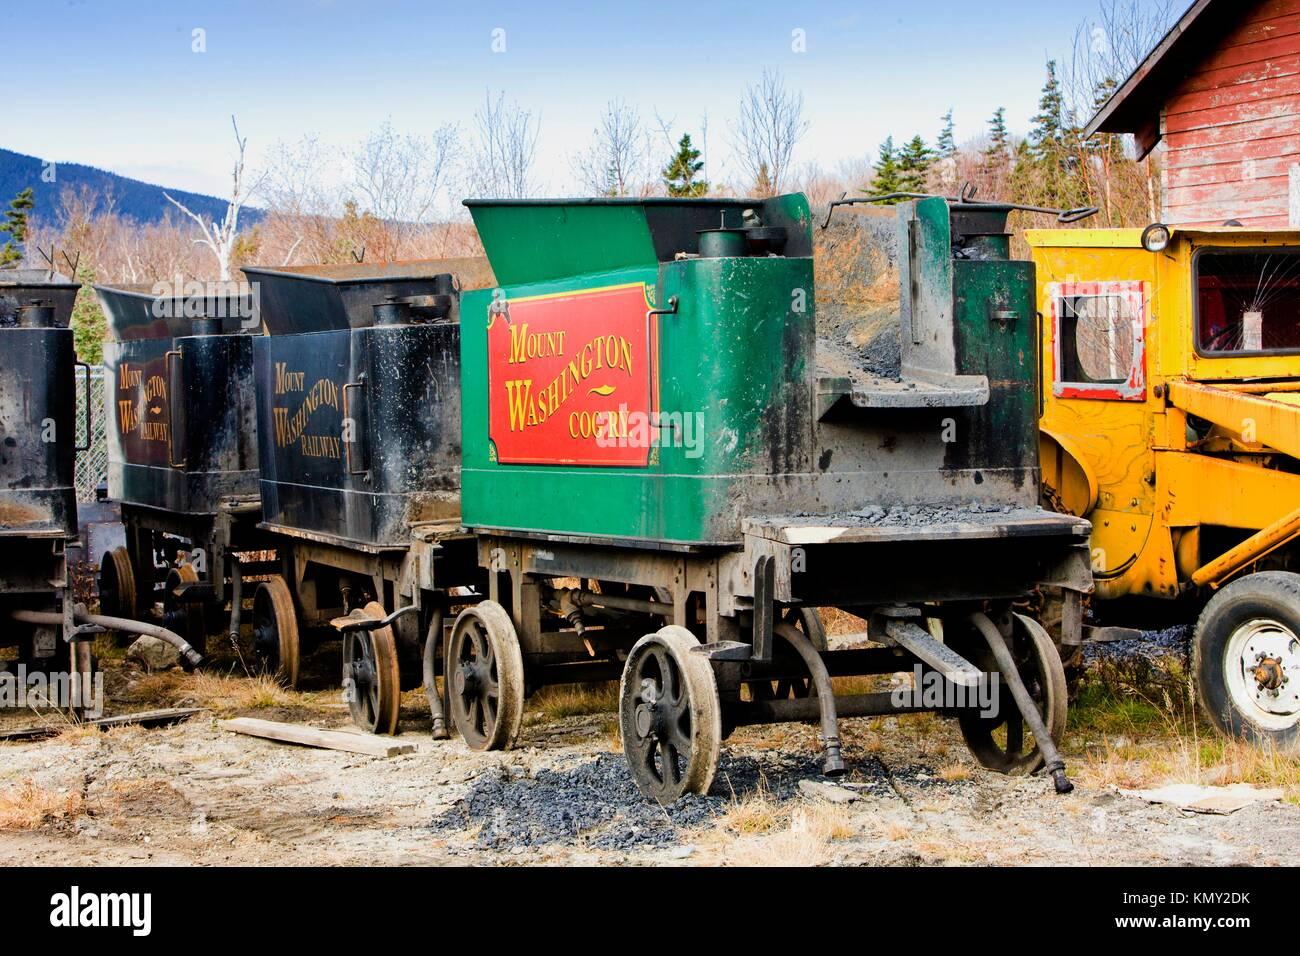 Mount washington cog railway discount coupons